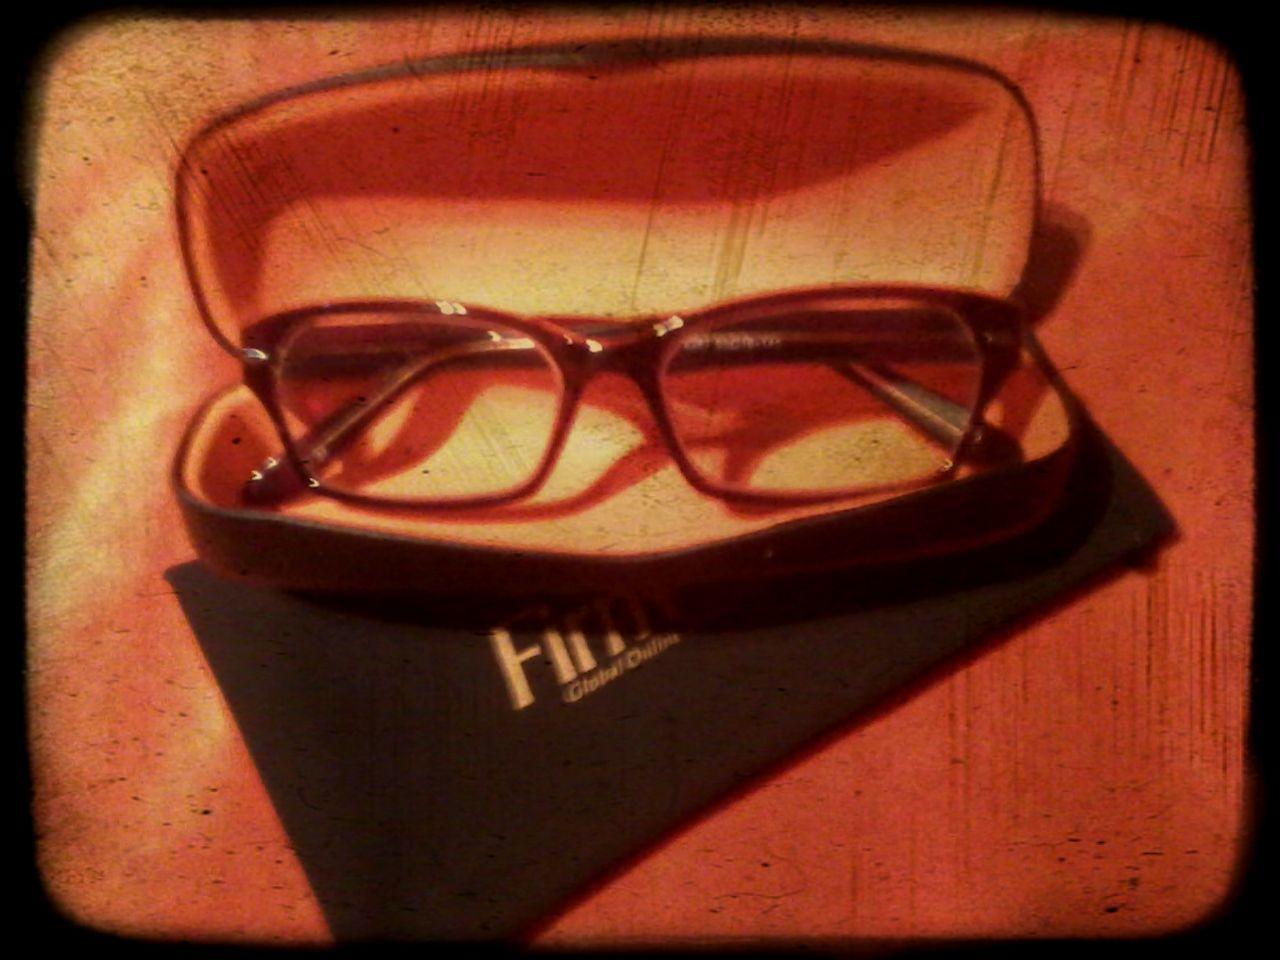 Gafas Firmoo gratis eyewear